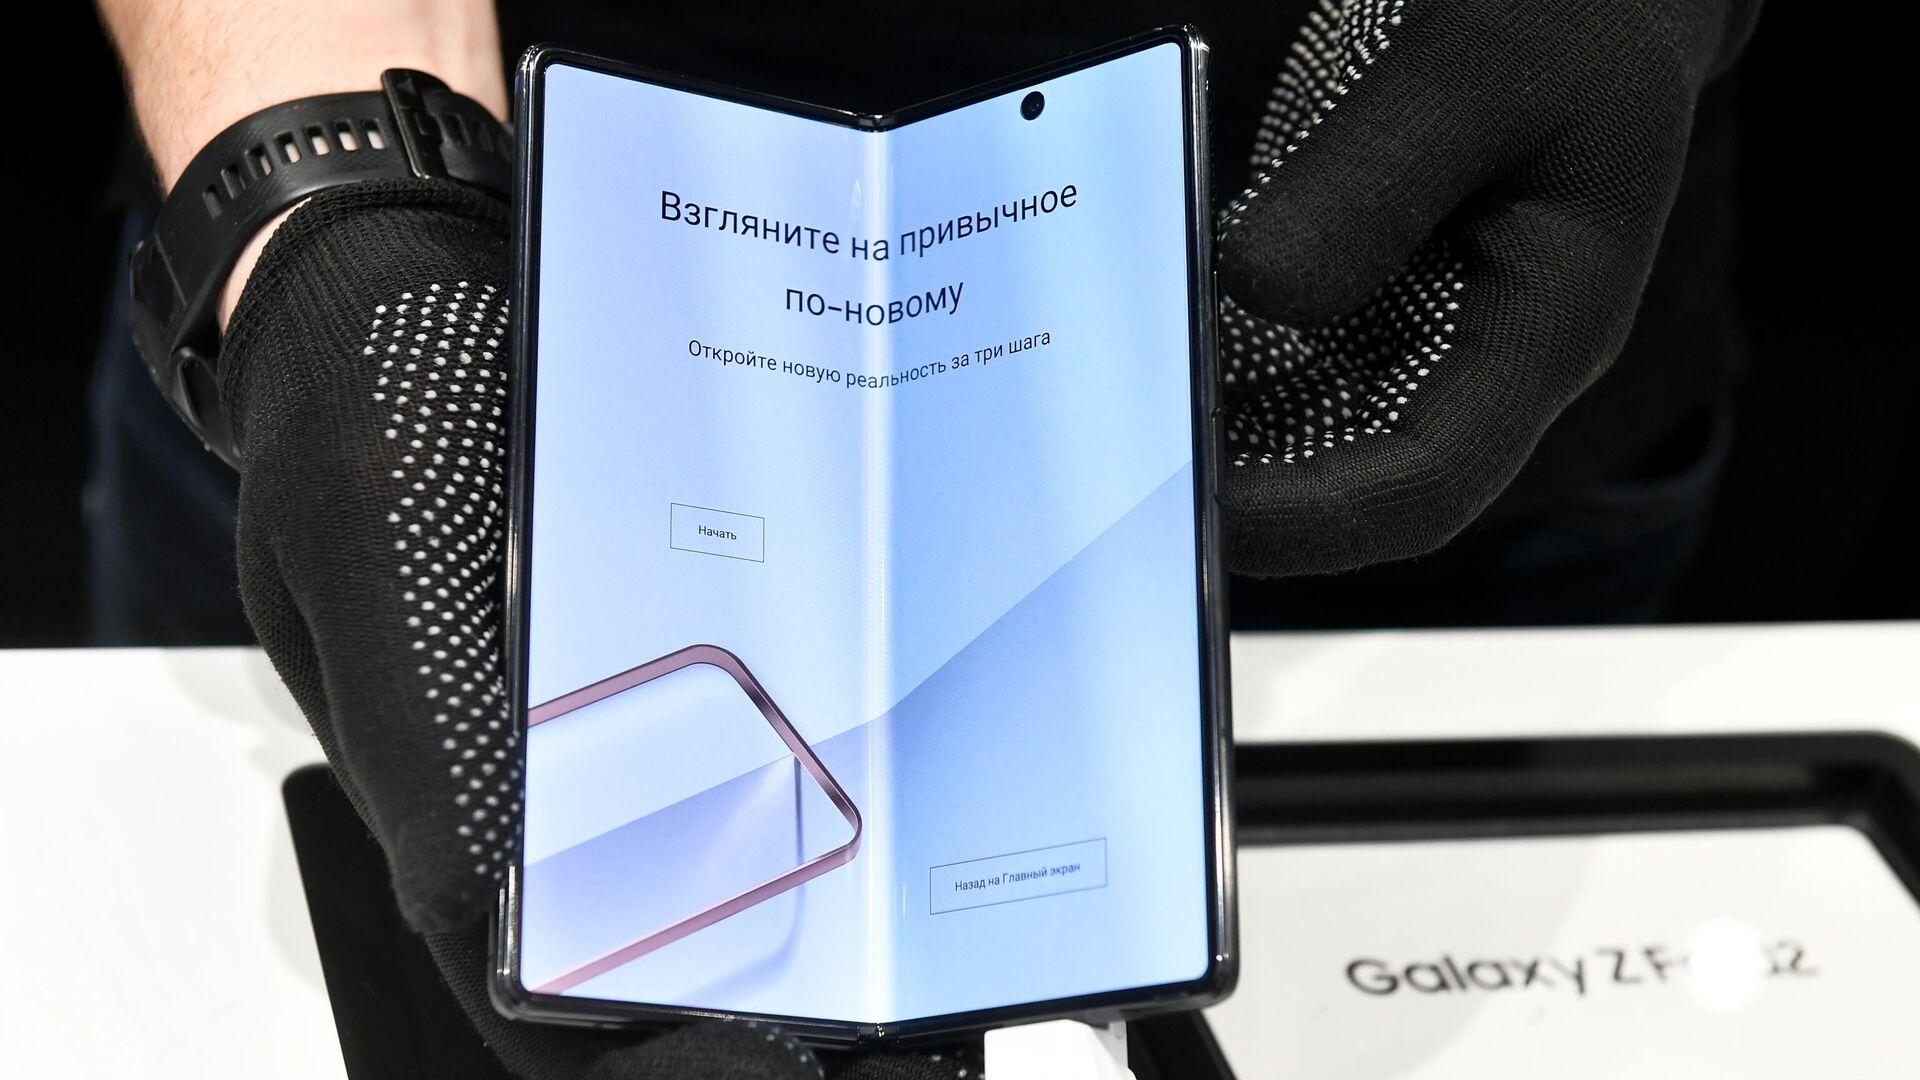 Новый смартфон с гибким экраном Samsung Galaxy Z Fold2 - РИА Новости, 1920, 23.11.2020